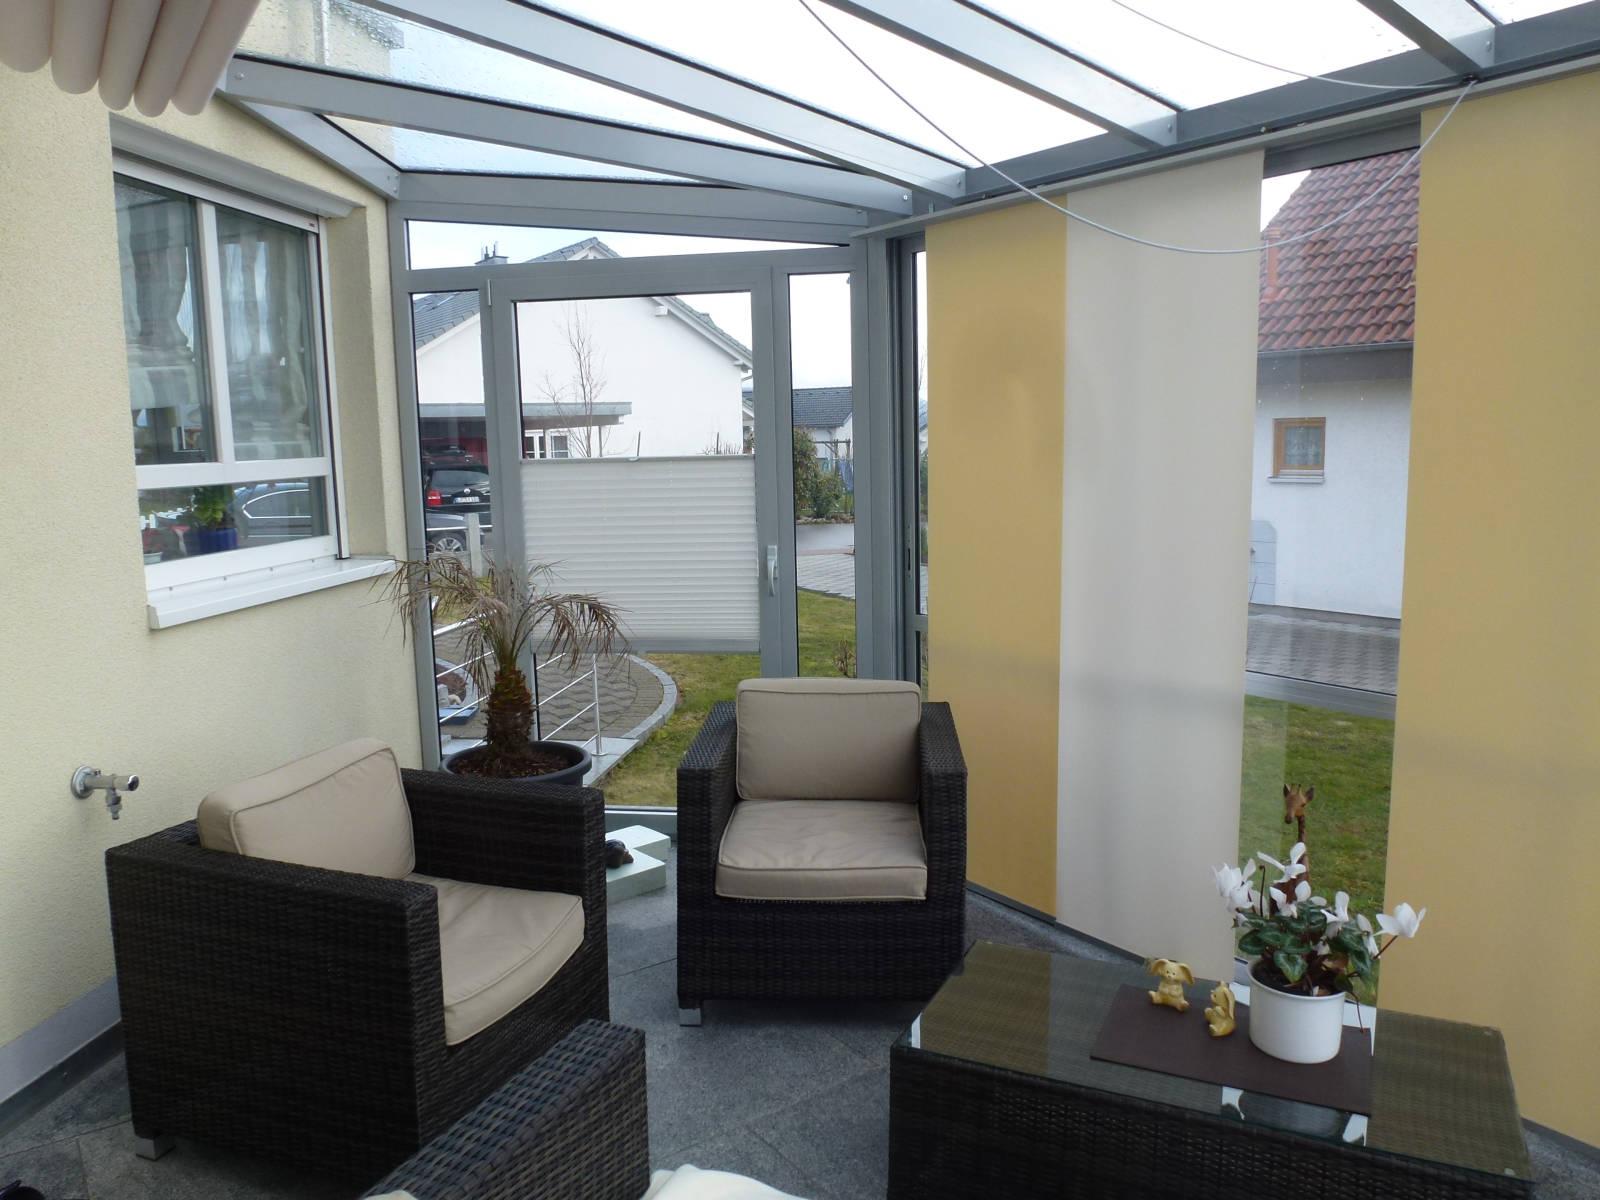 sonnenschutz f r wintergarten und terrasse waldenberg. Black Bedroom Furniture Sets. Home Design Ideas